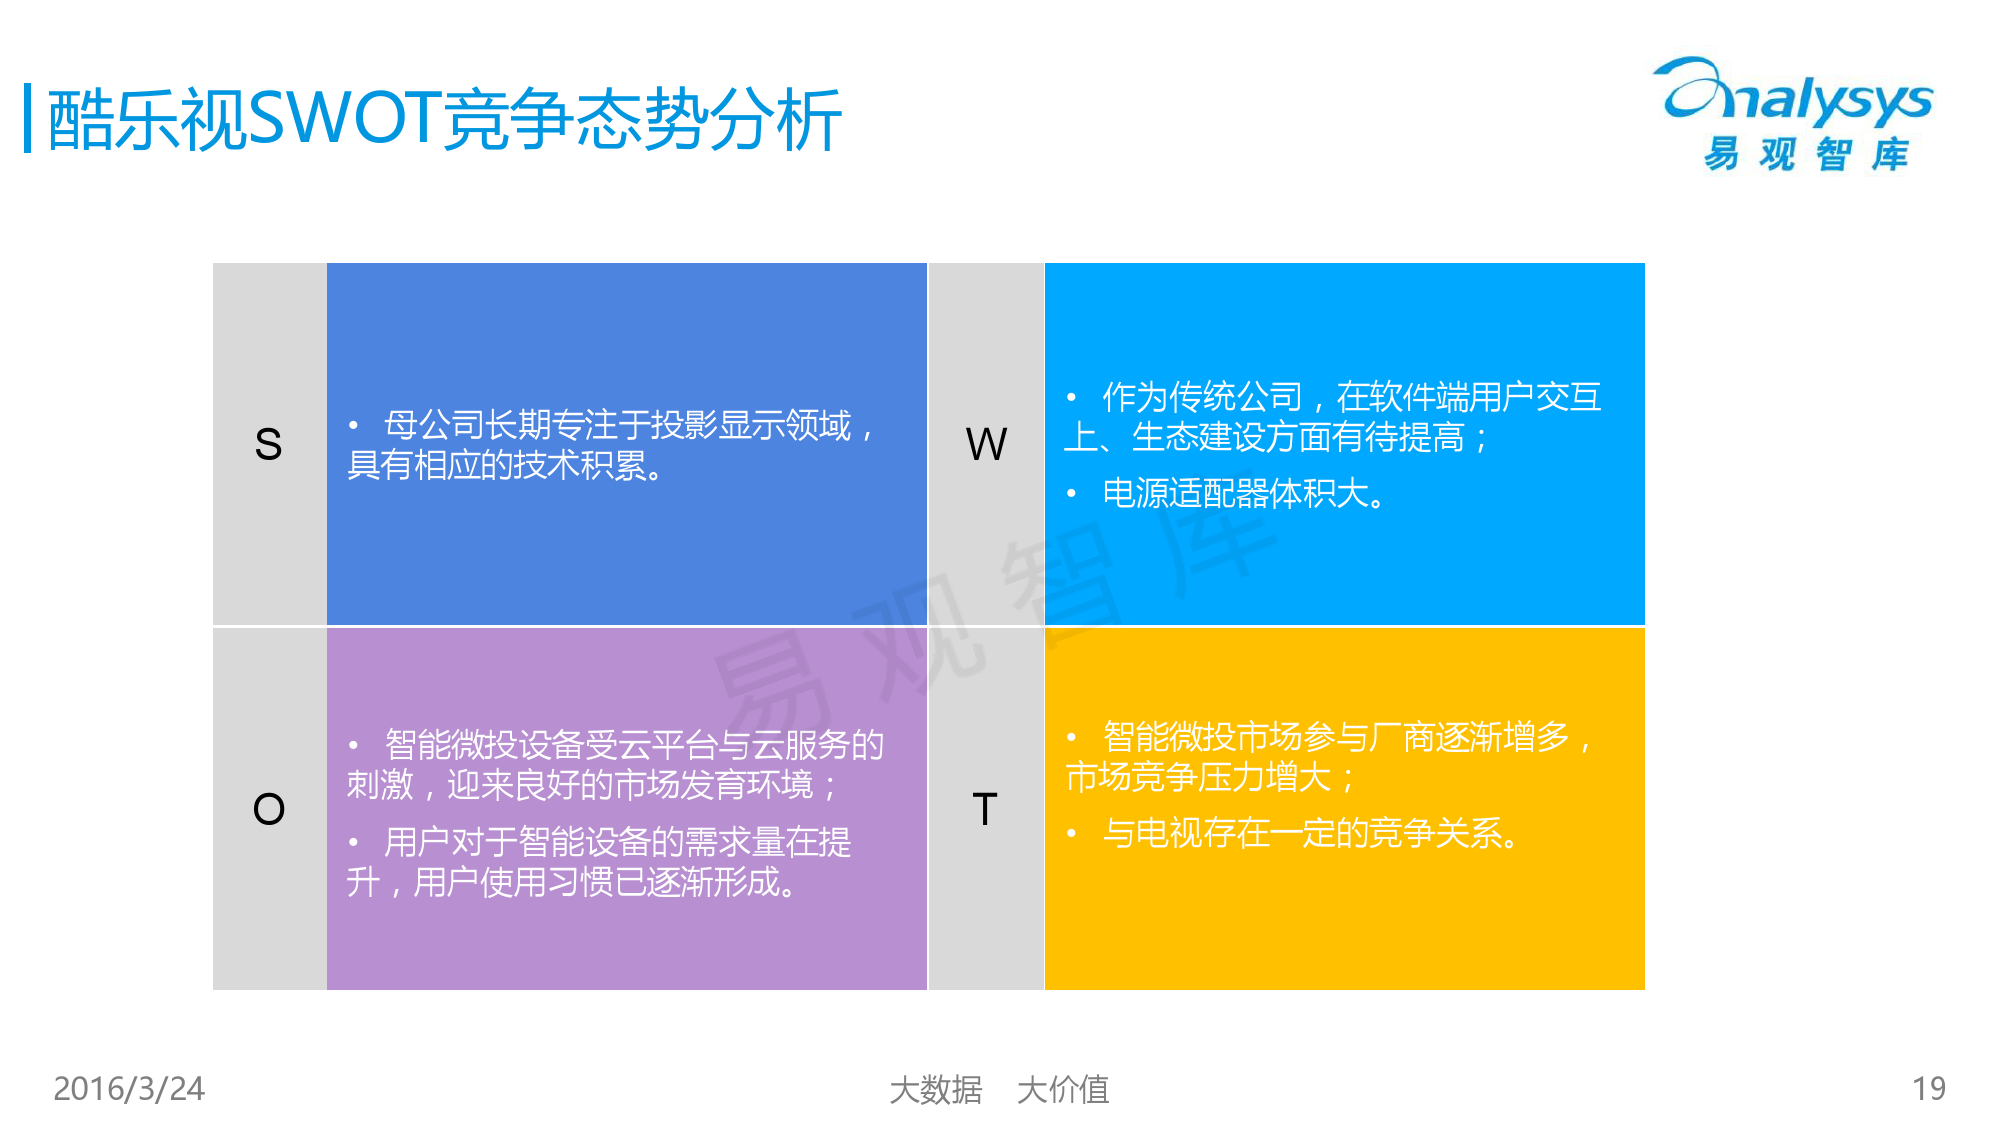 中国智能微投市场专题研究报告2016_000019